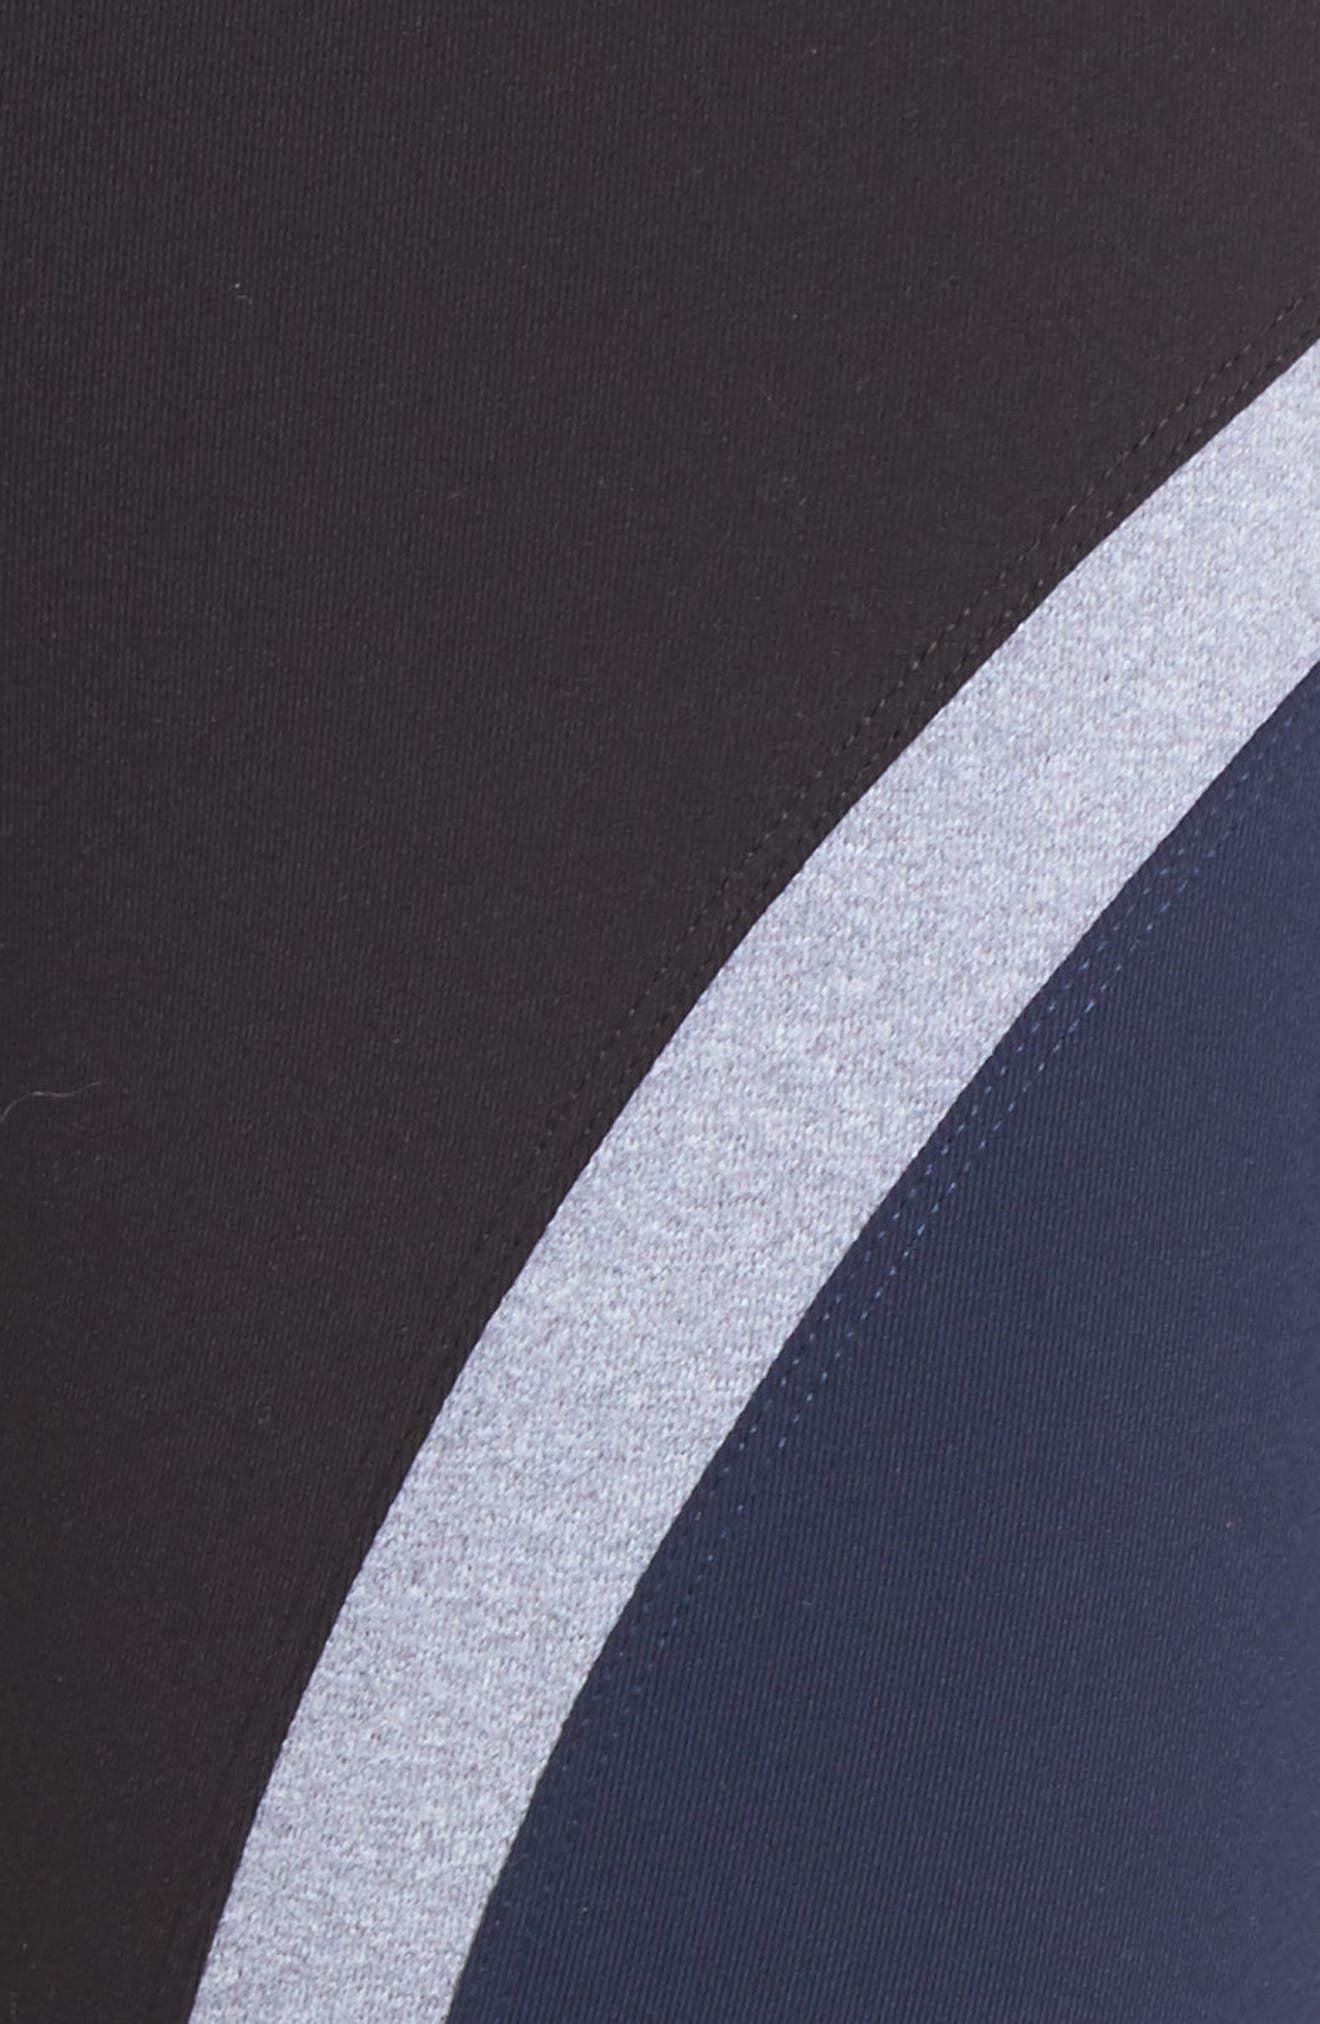 High Waist Capri Leggings,                             Alternate thumbnail 6, color,